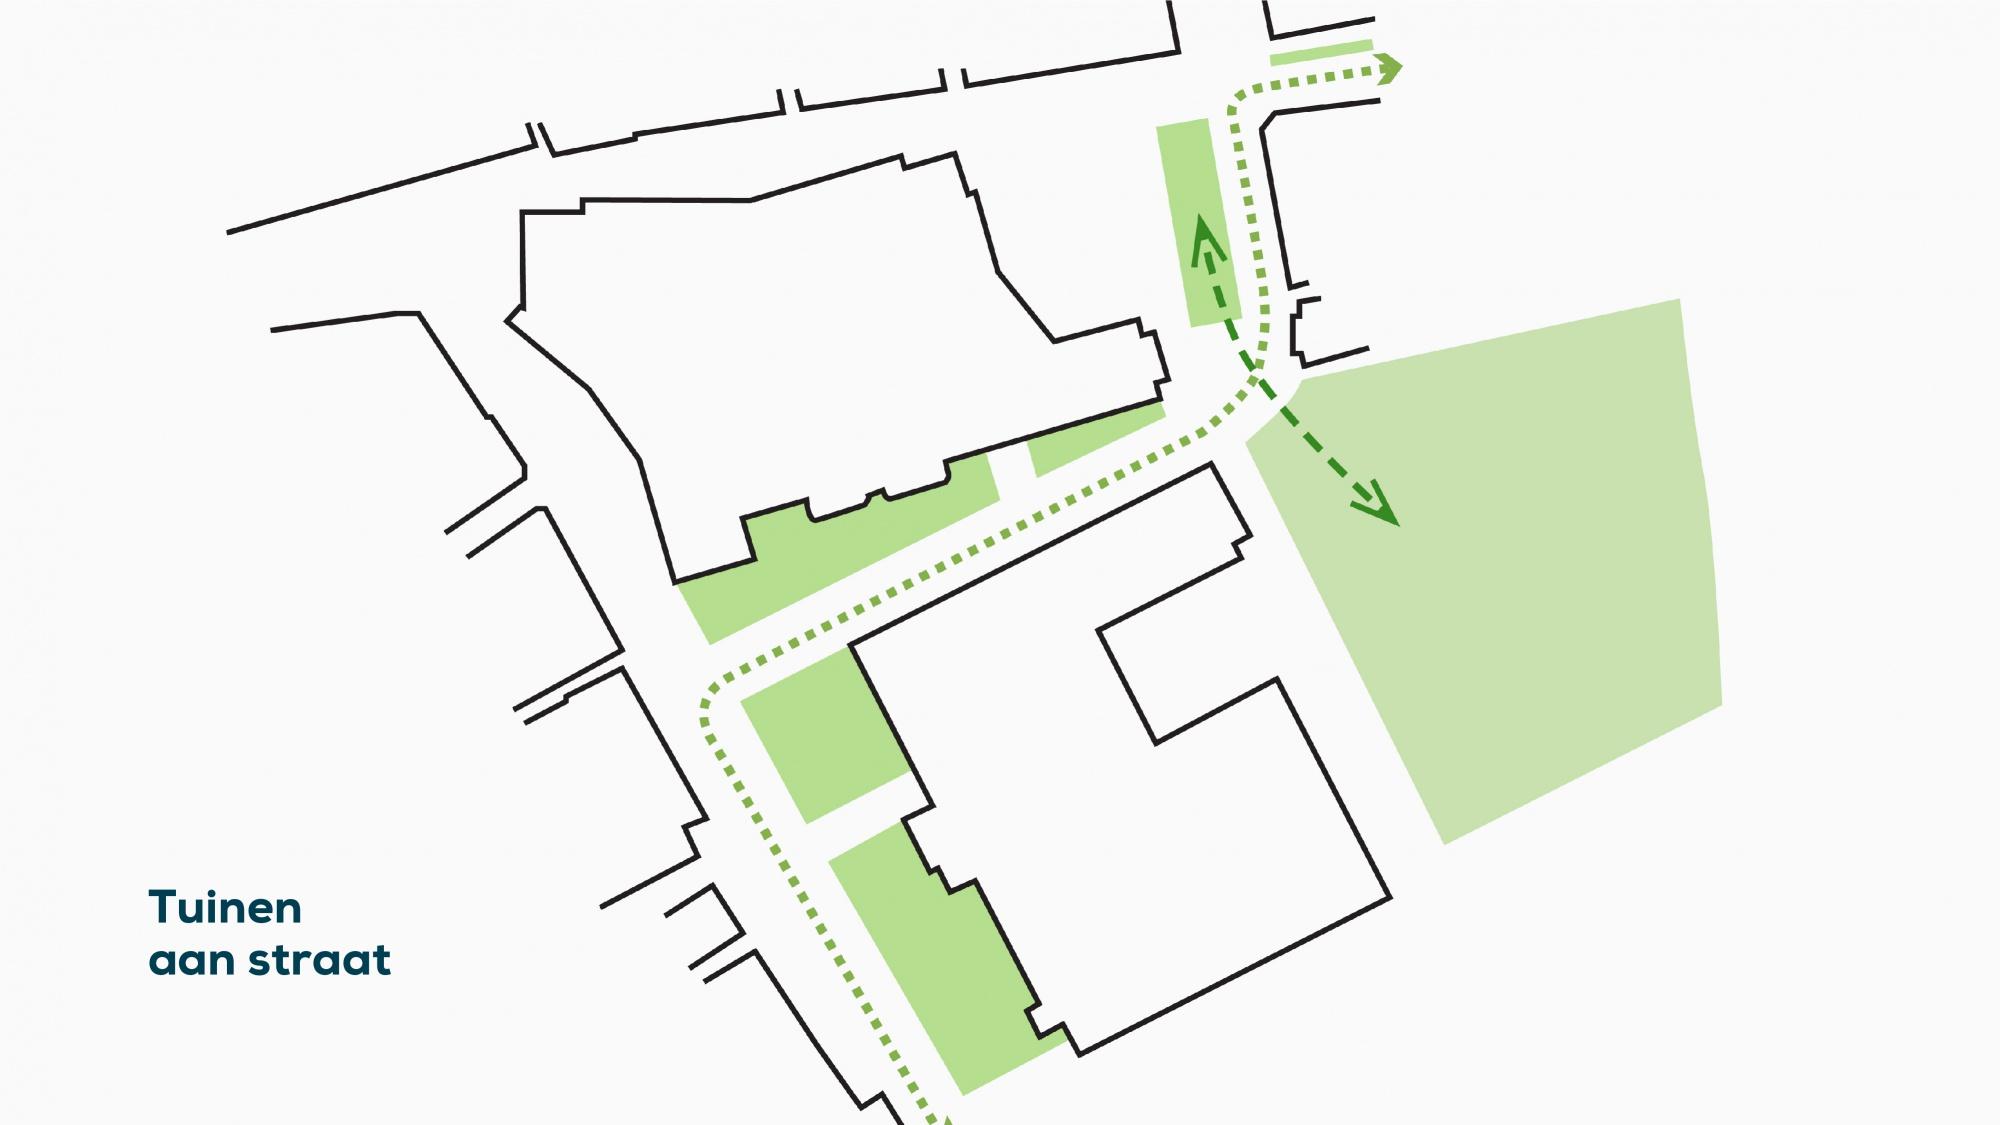 plattegrond 5 tuinen aan straat